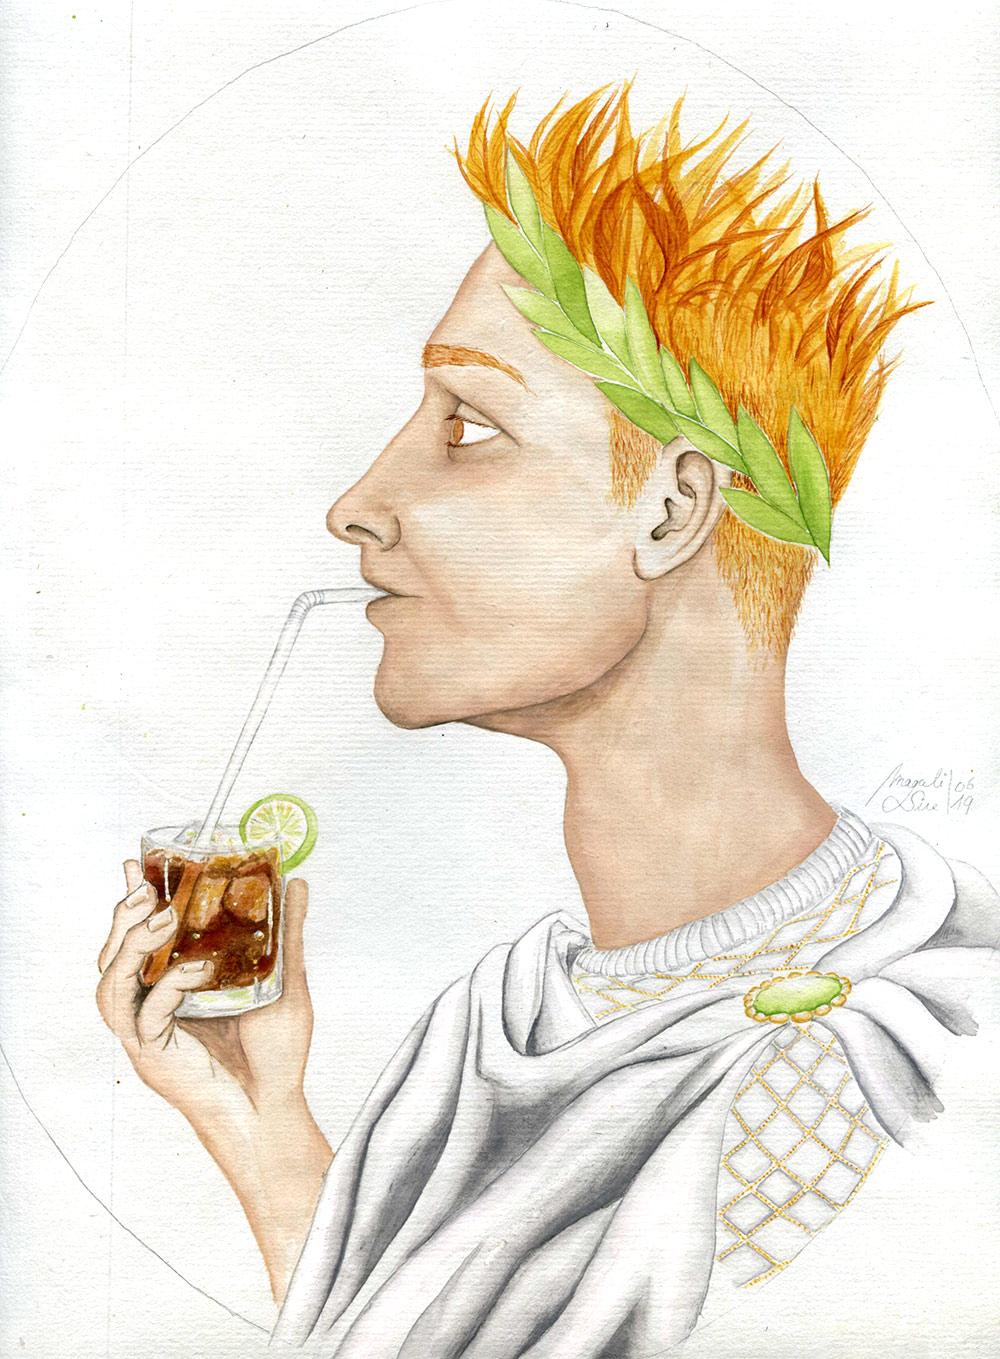 Octave et son Rome-Coca   29 x 23 cm